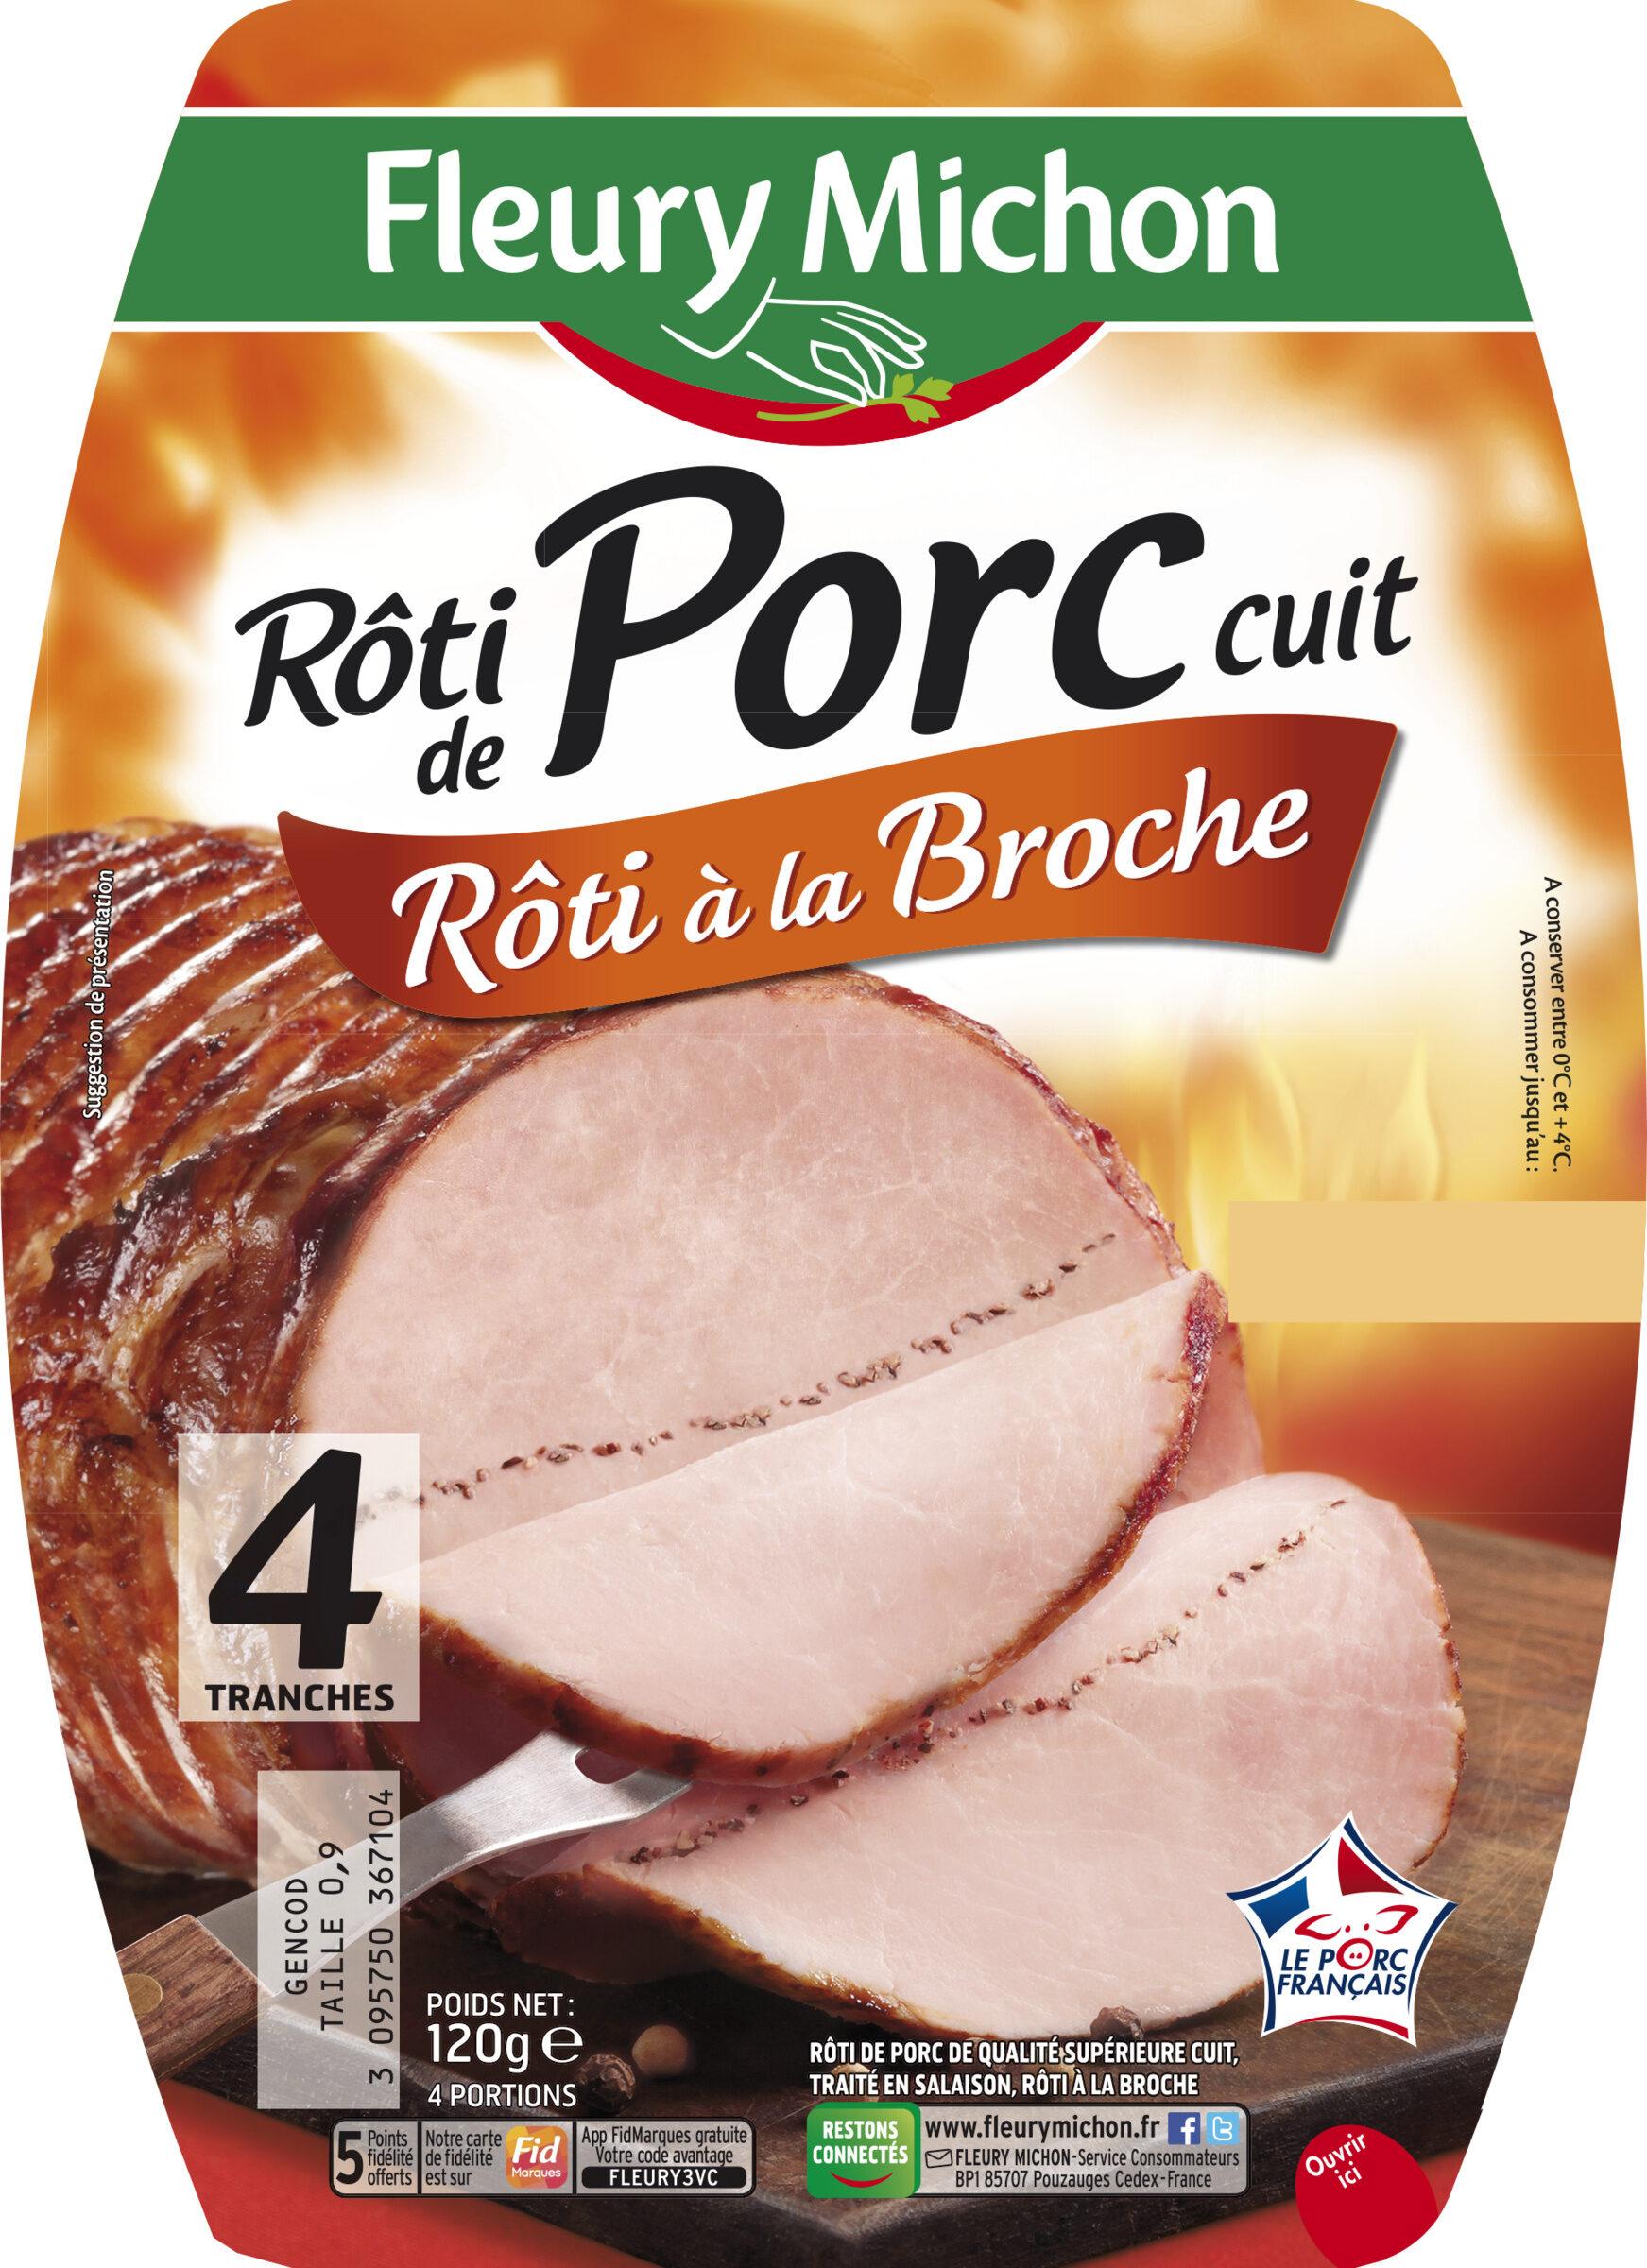 Rôti de porc cuit rôti à la broche - 4 tranches - Product